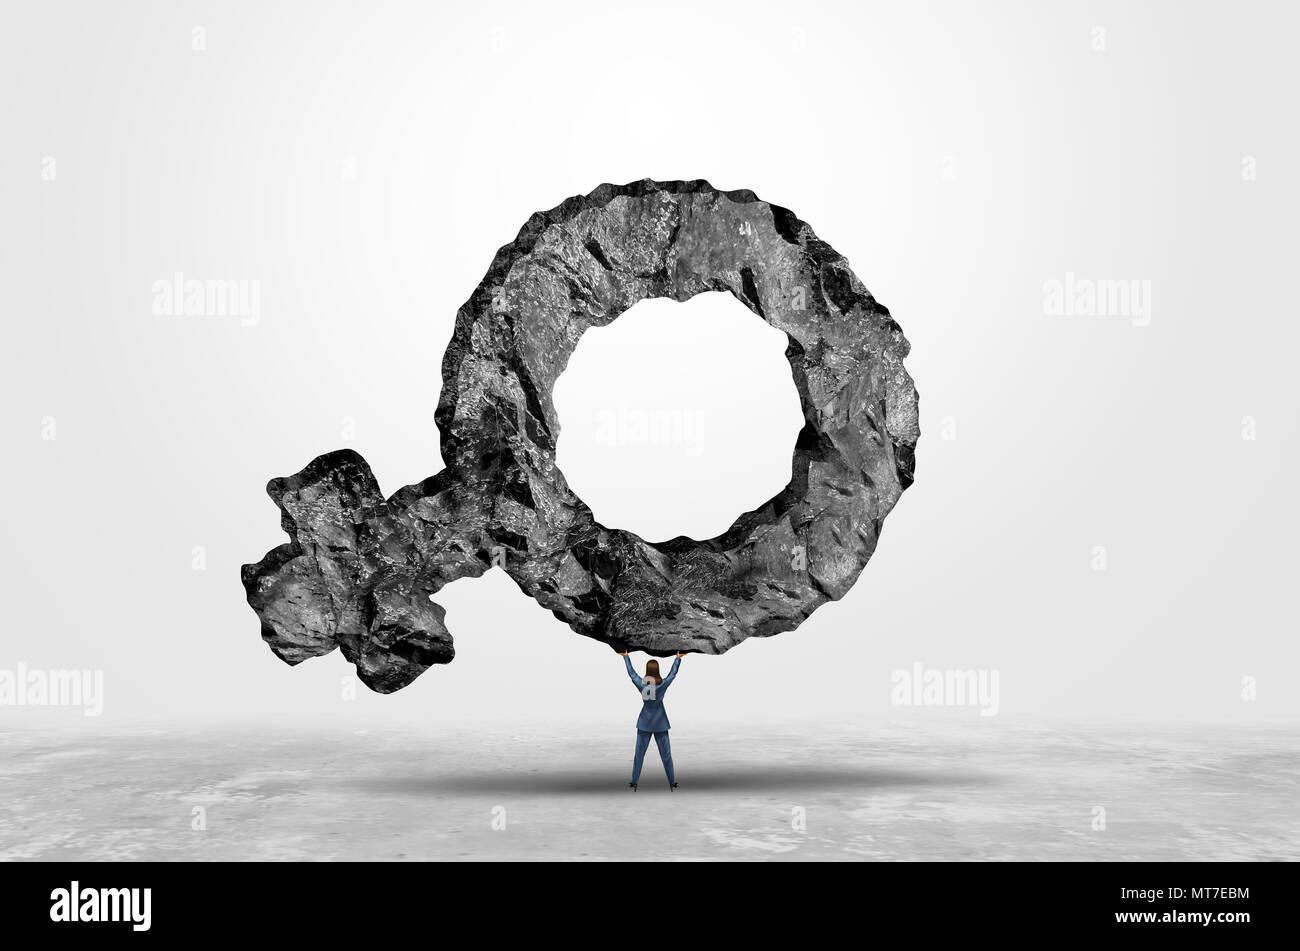 Frauen Power und Feminismus Mut als Frau heben ein weibliches Symbol in einer 3D-Darstellung. Stockbild